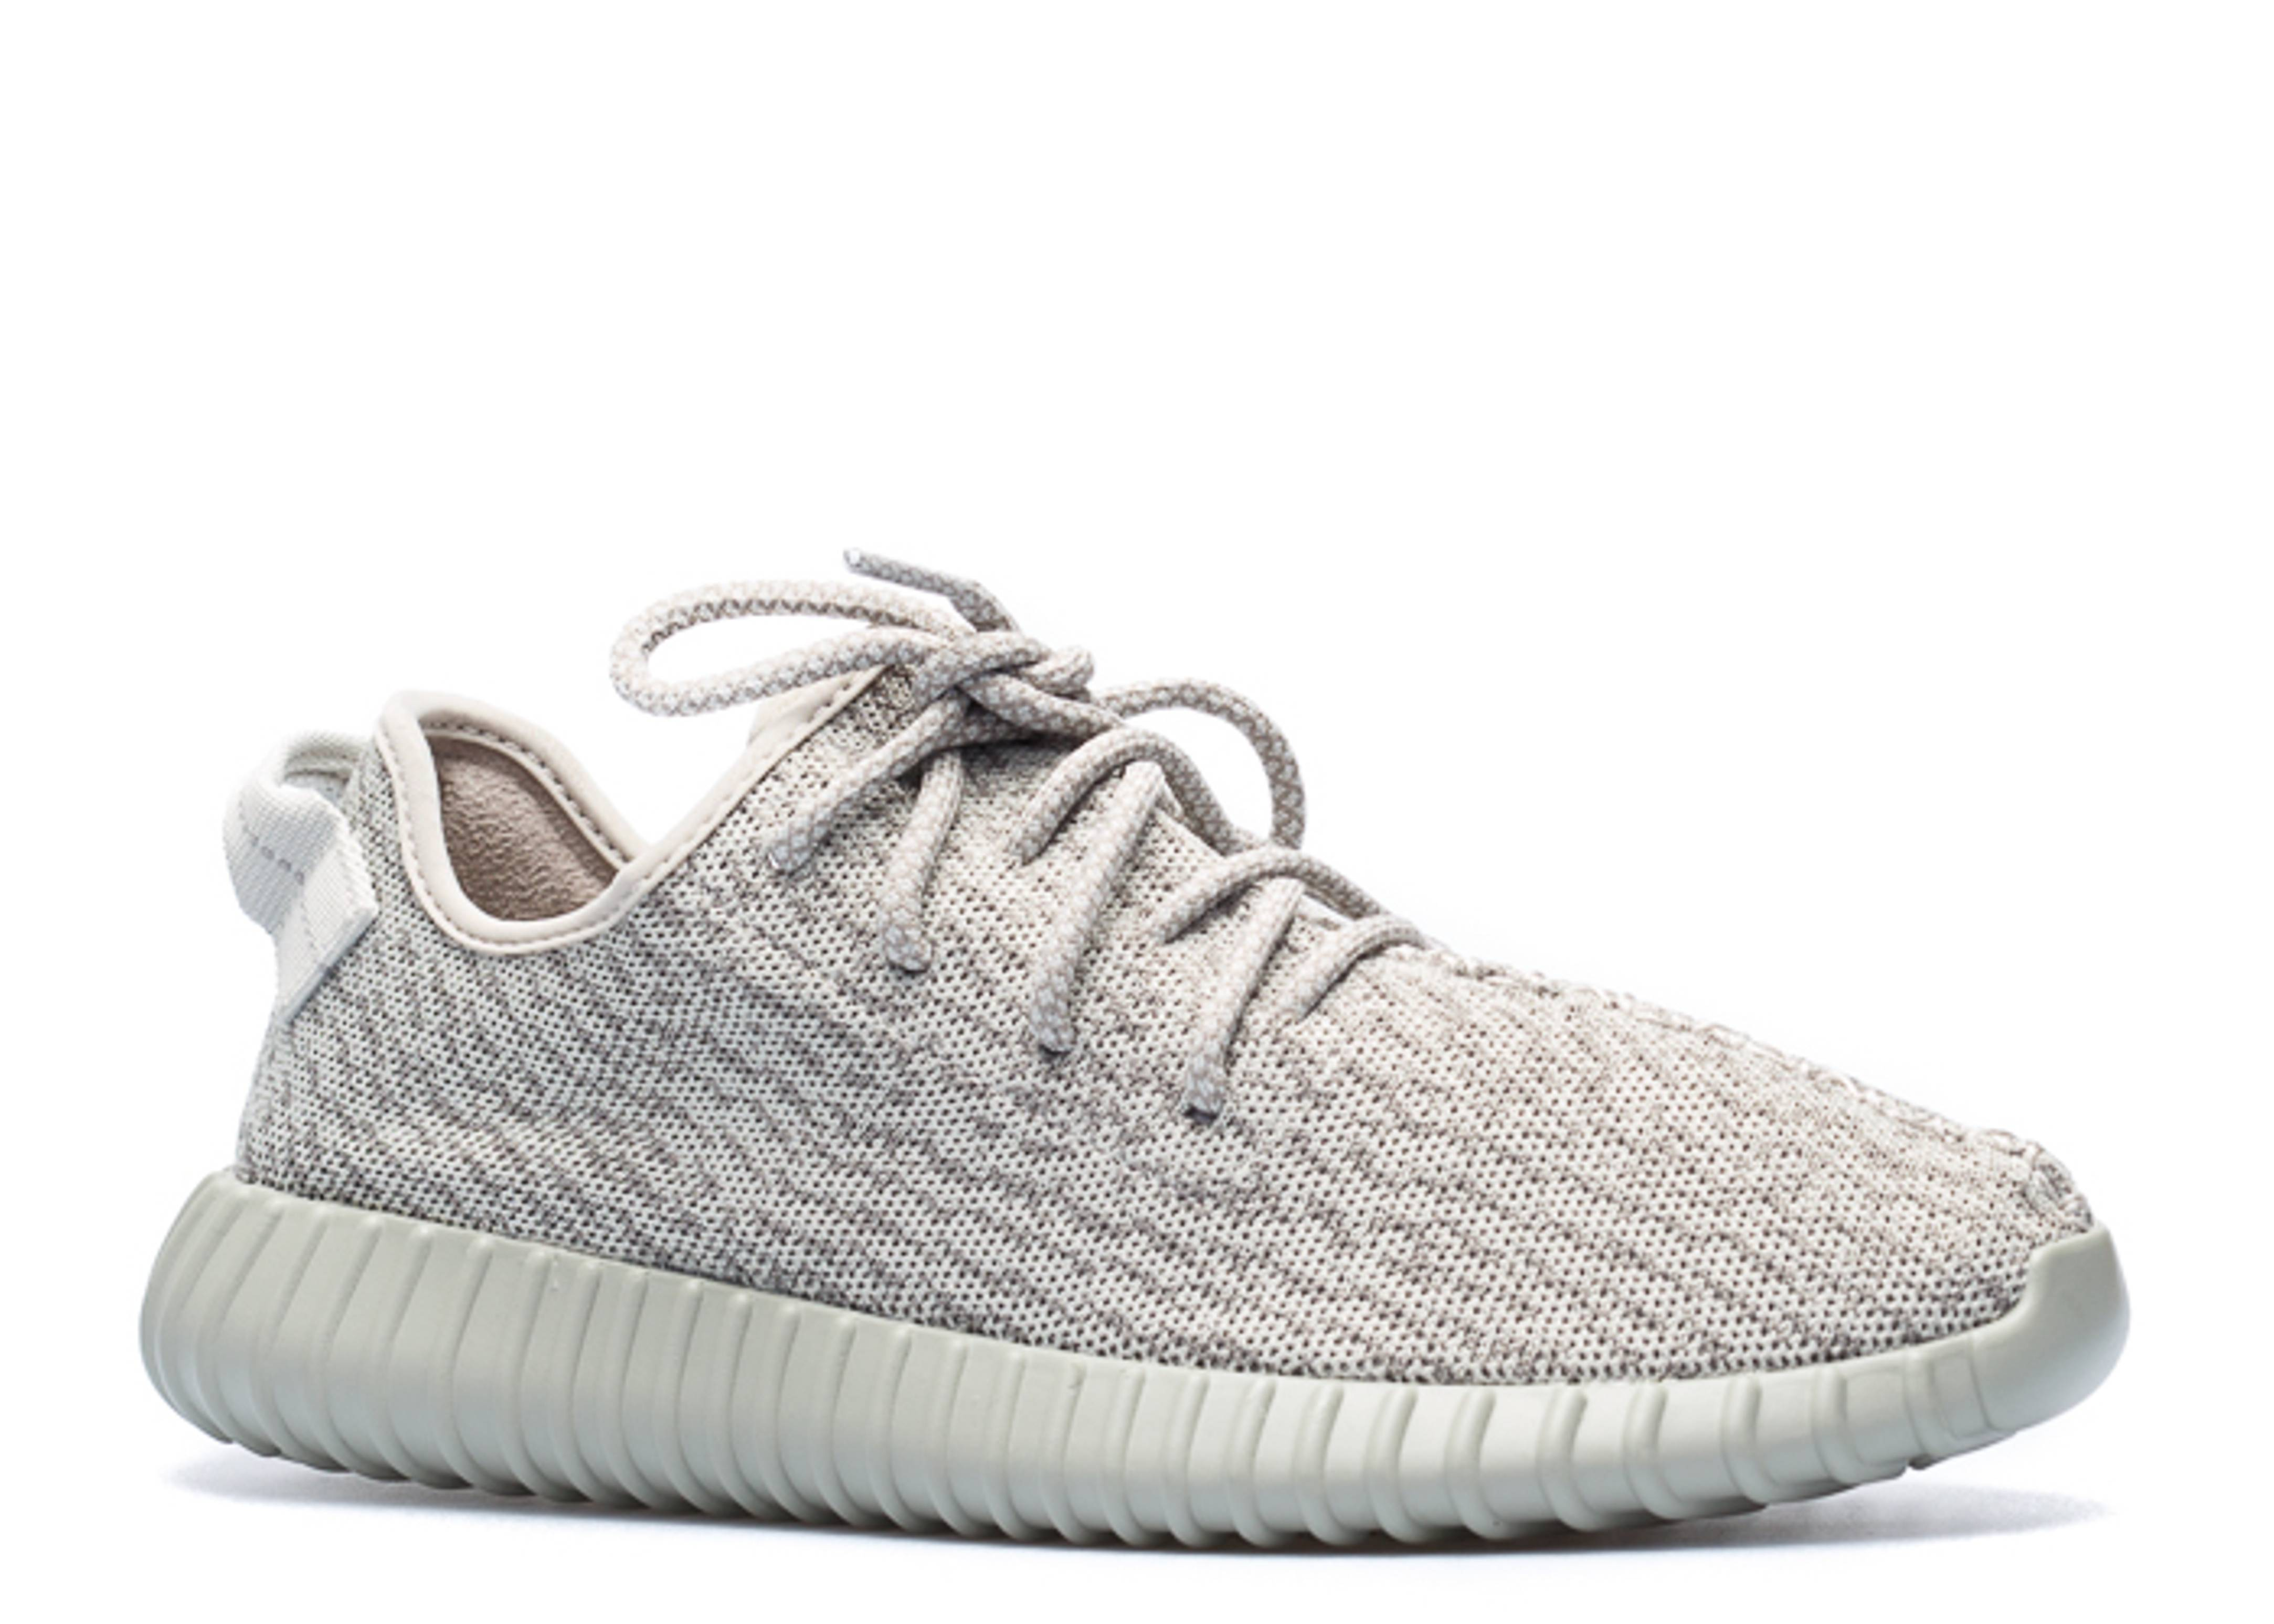 Adidas Boost 350 Moonrock